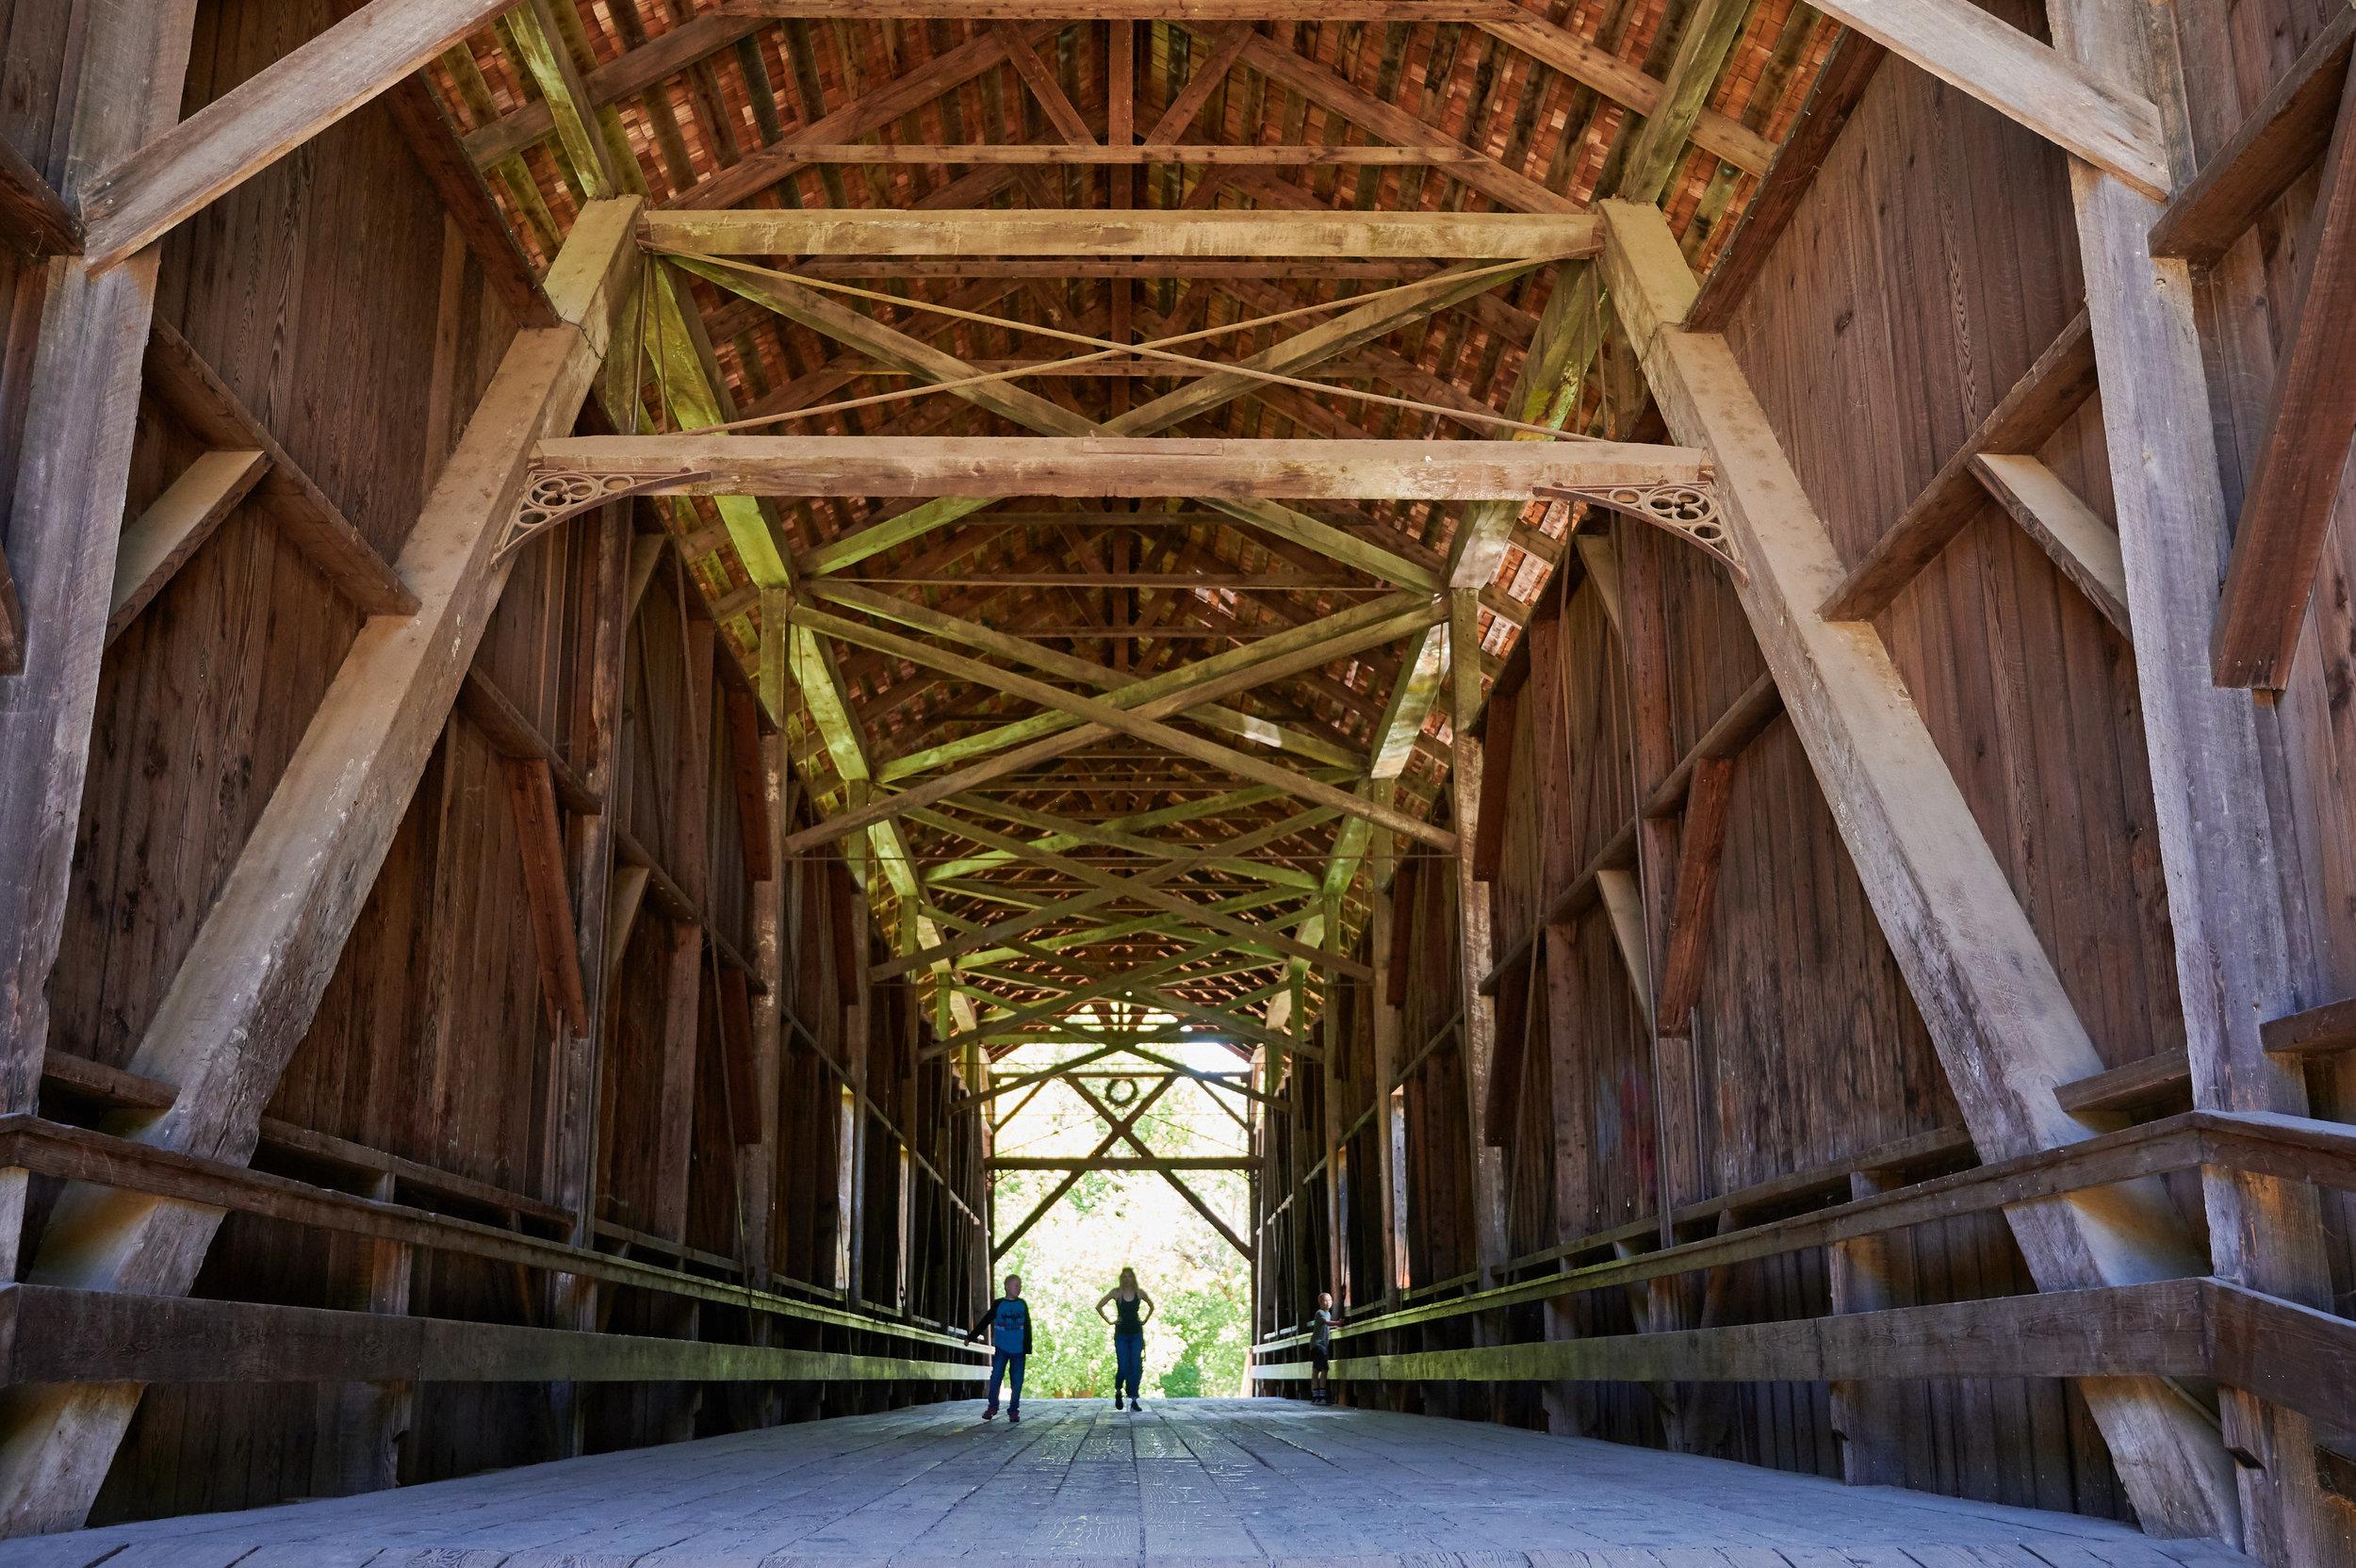 felton-guild-and-covered-bridge-2019-07-09-39.jpg